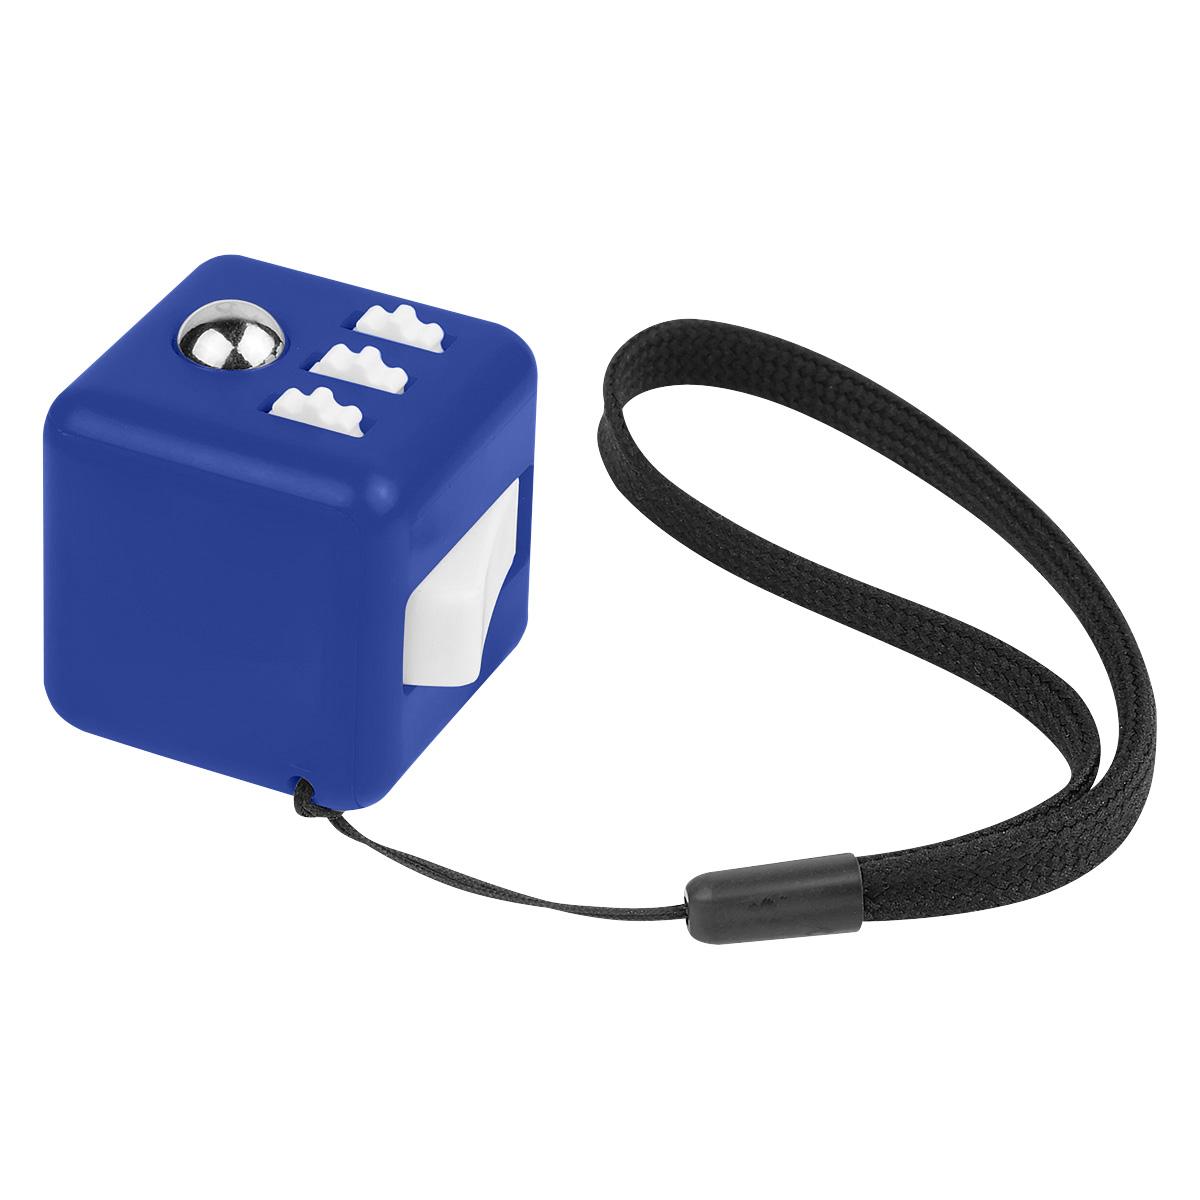 761 - Cubo anti estrés